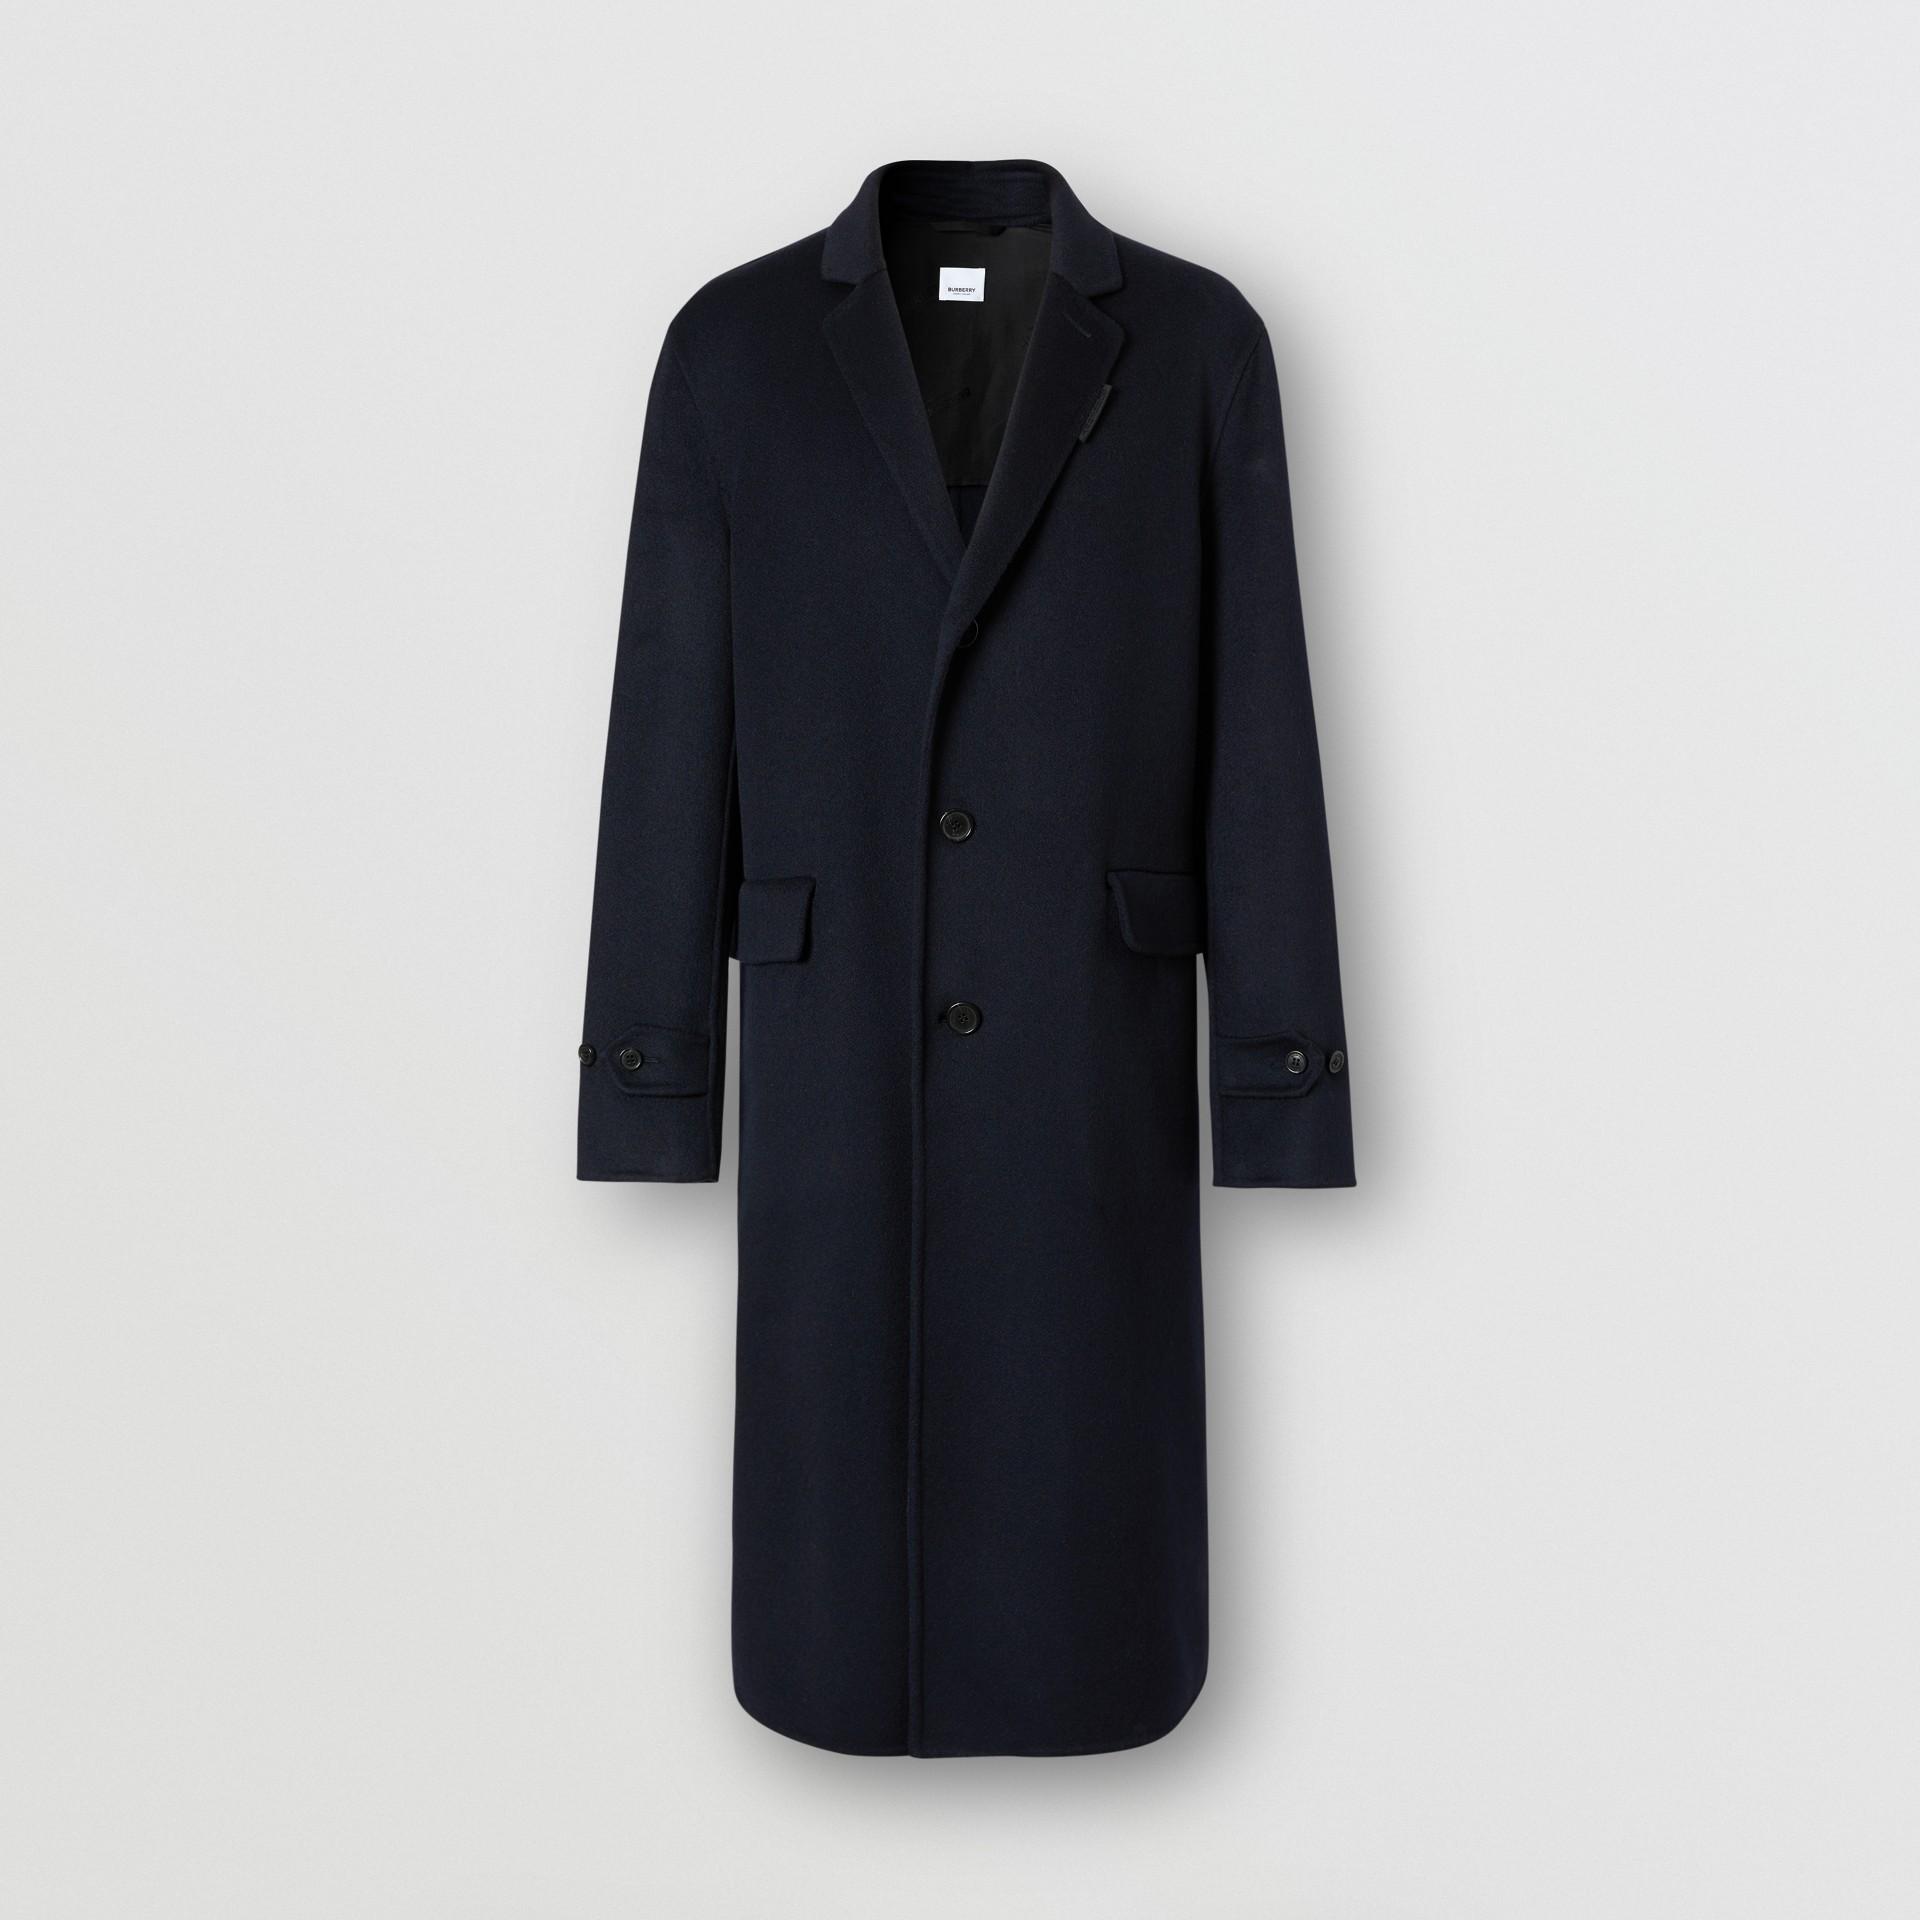 Пальто Lab Coat из кашемира (Темно-синий) - Для мужчин | Burberry - изображение 3